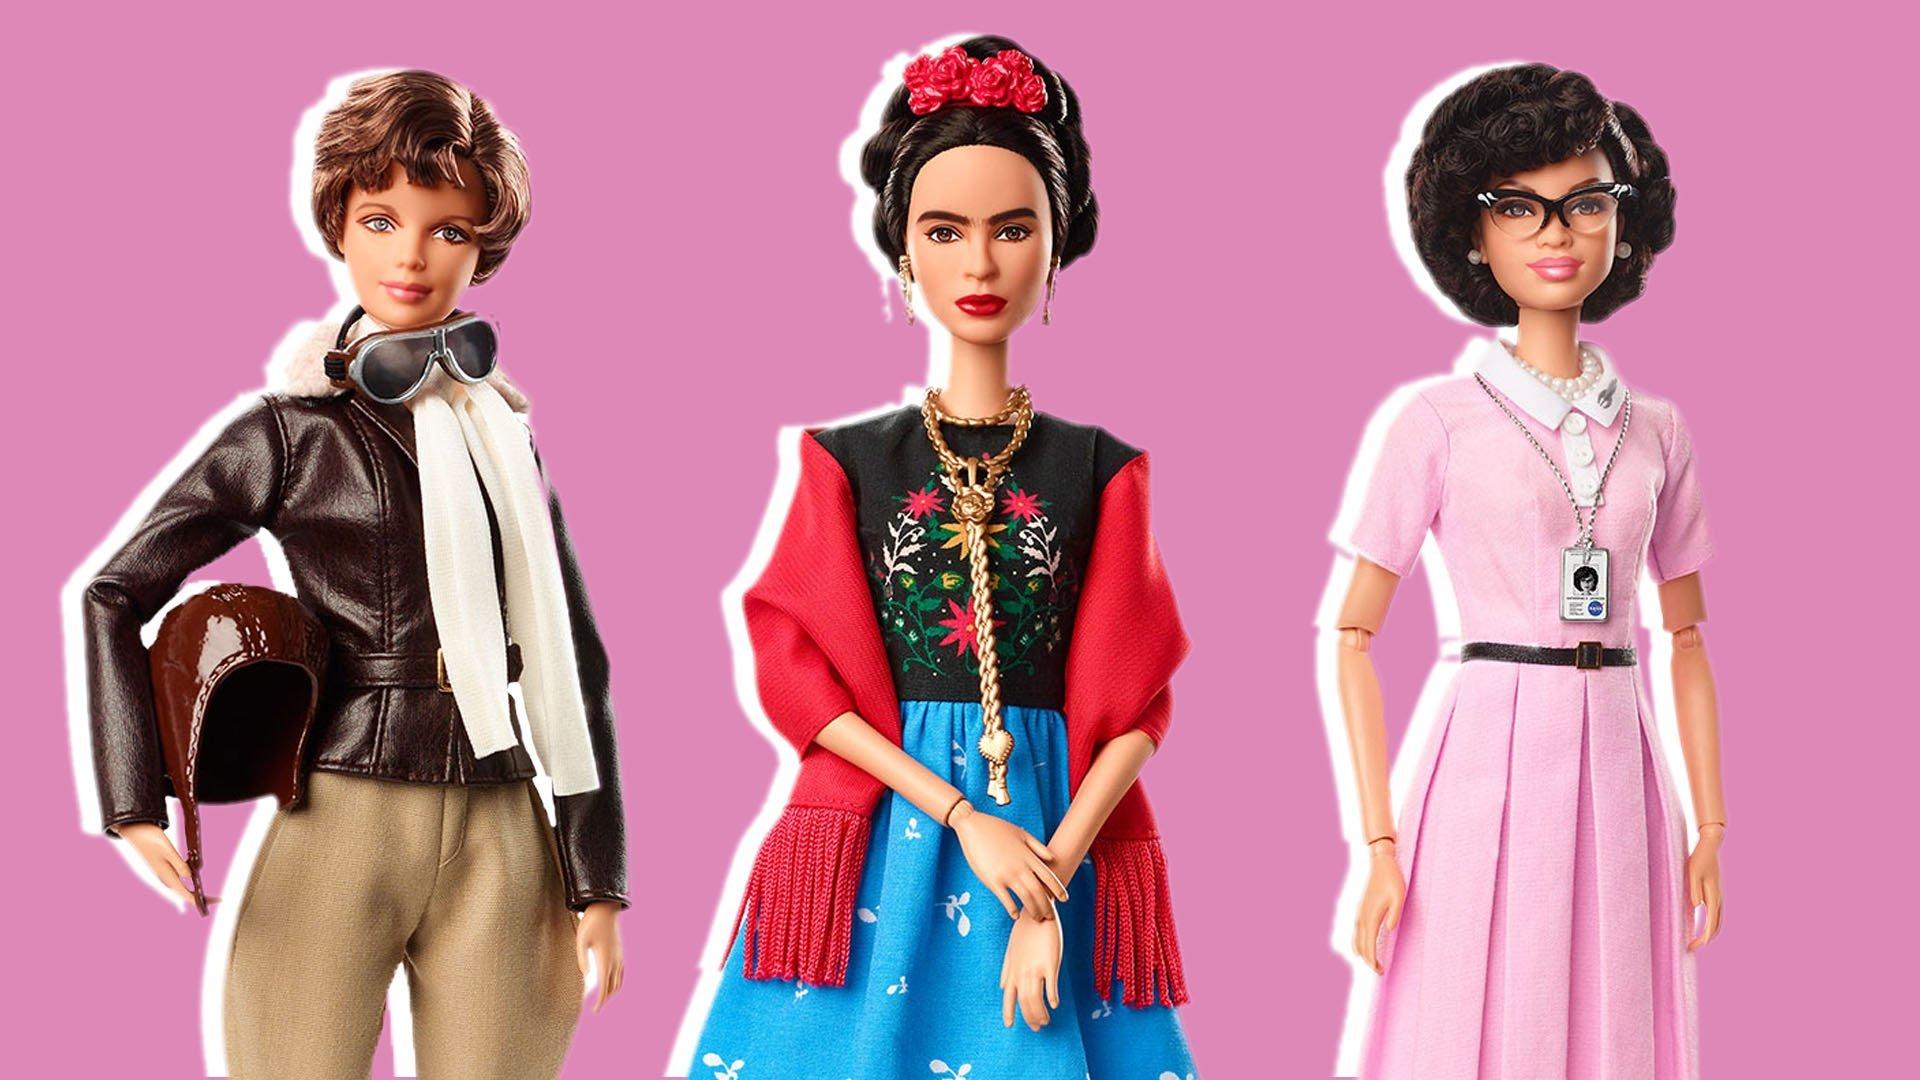 barbie inspiring women today 180306 tease 31efde7741ce291ab1d34d9e4599e4d7 - Barbie lança bonecas inspiradas em ícones femininos que fizeram história